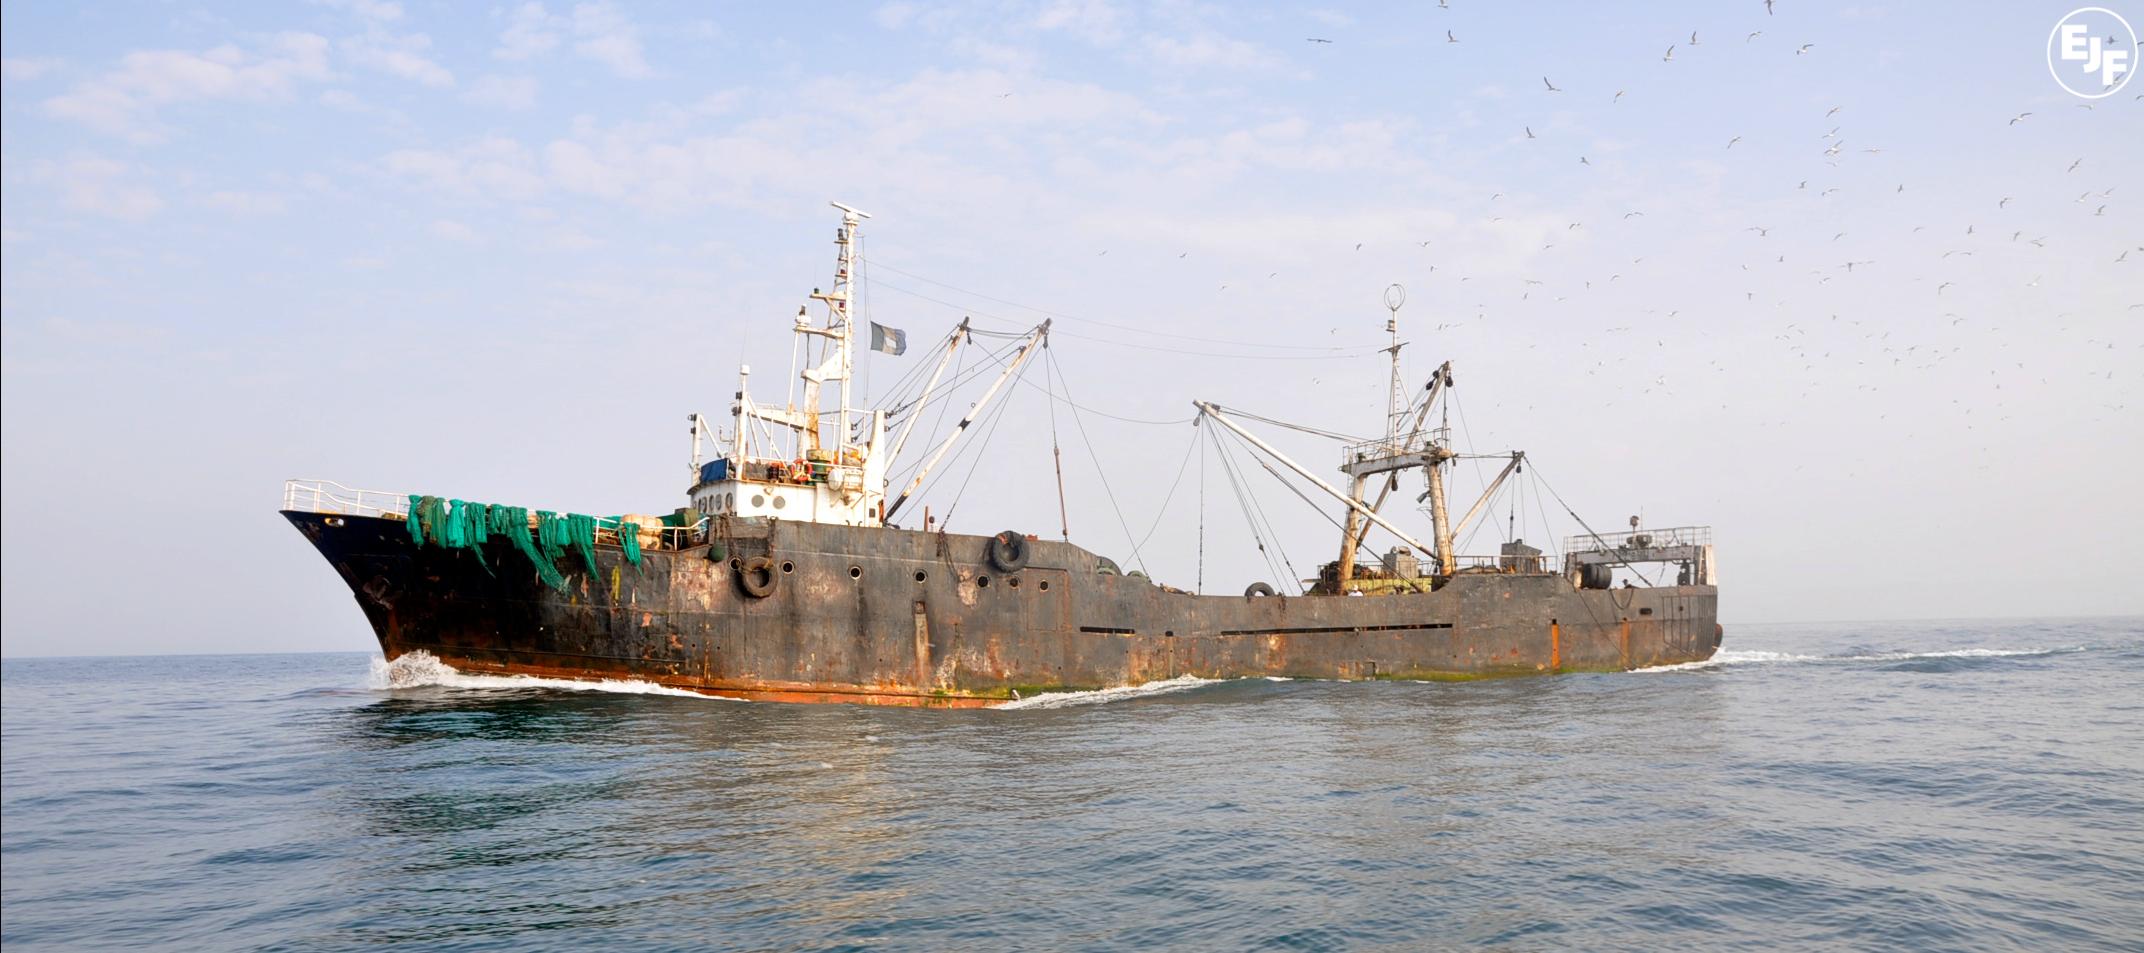 Pirate fishing vessel seized in Liberia